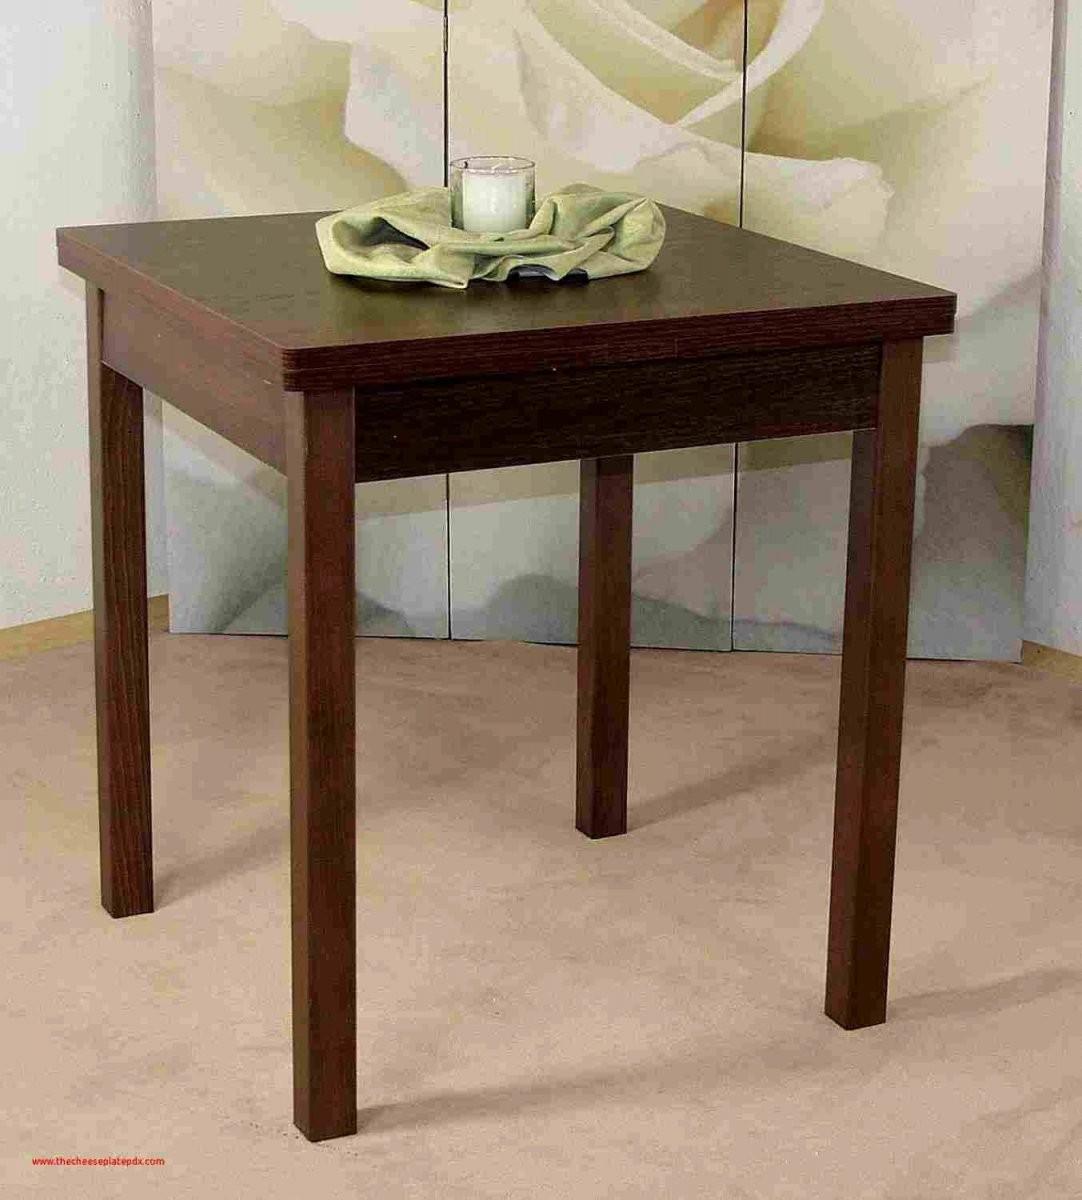 16 Gebrauchte Gastronomie Tische Und Stühle Schön  Lqaff von Outdoor Möbel Gastronomie Gebraucht Photo